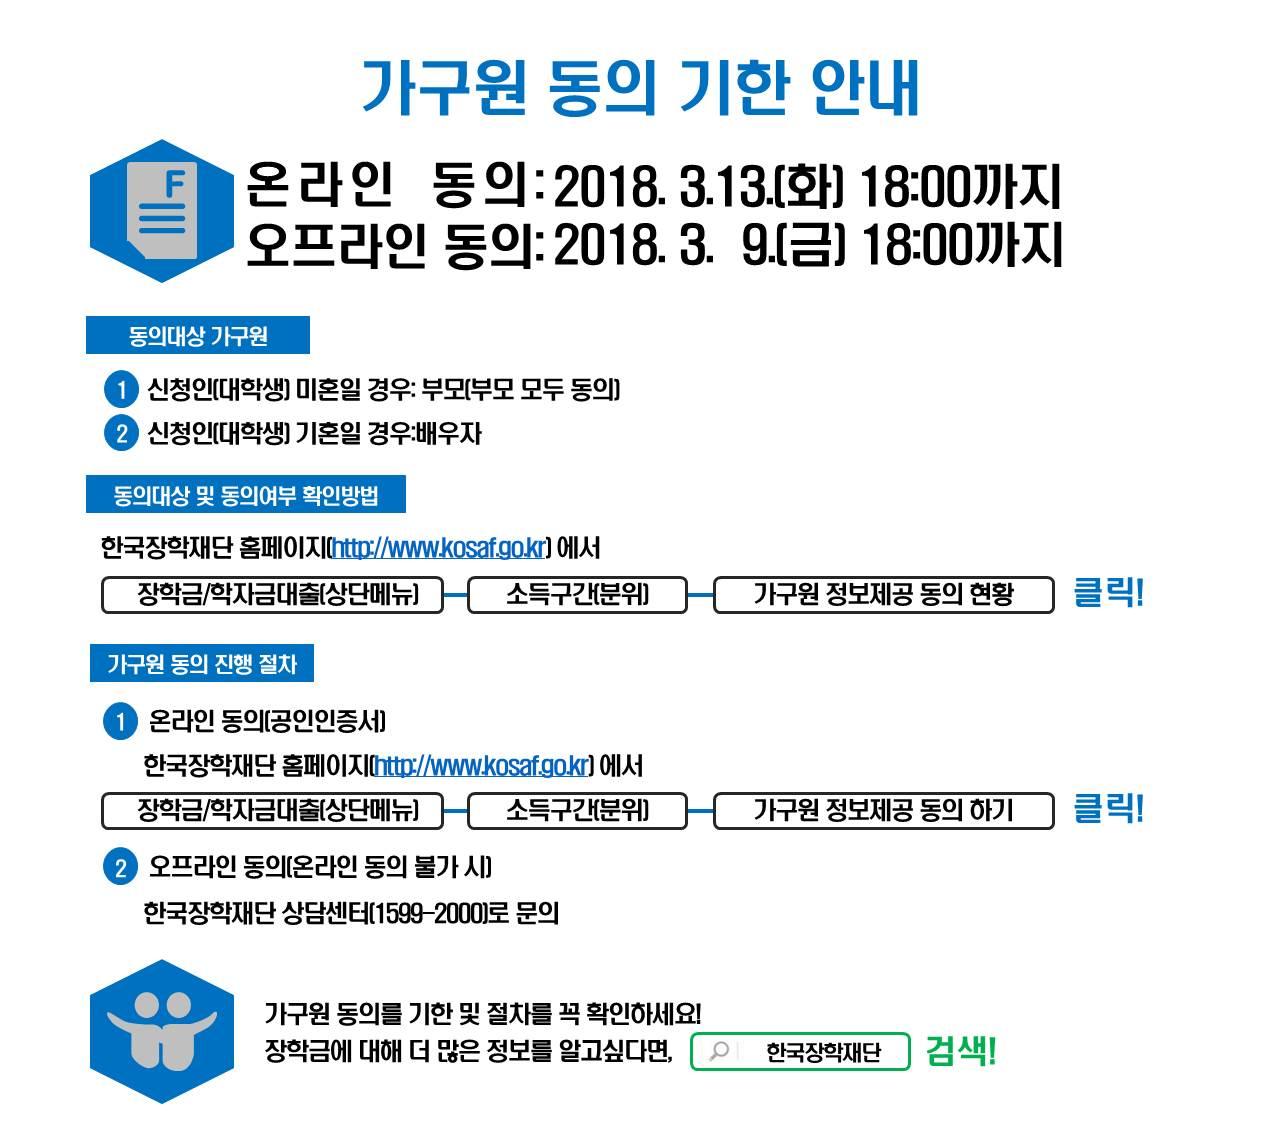 18-1학기 가구원 동의 기한 안내.jpg